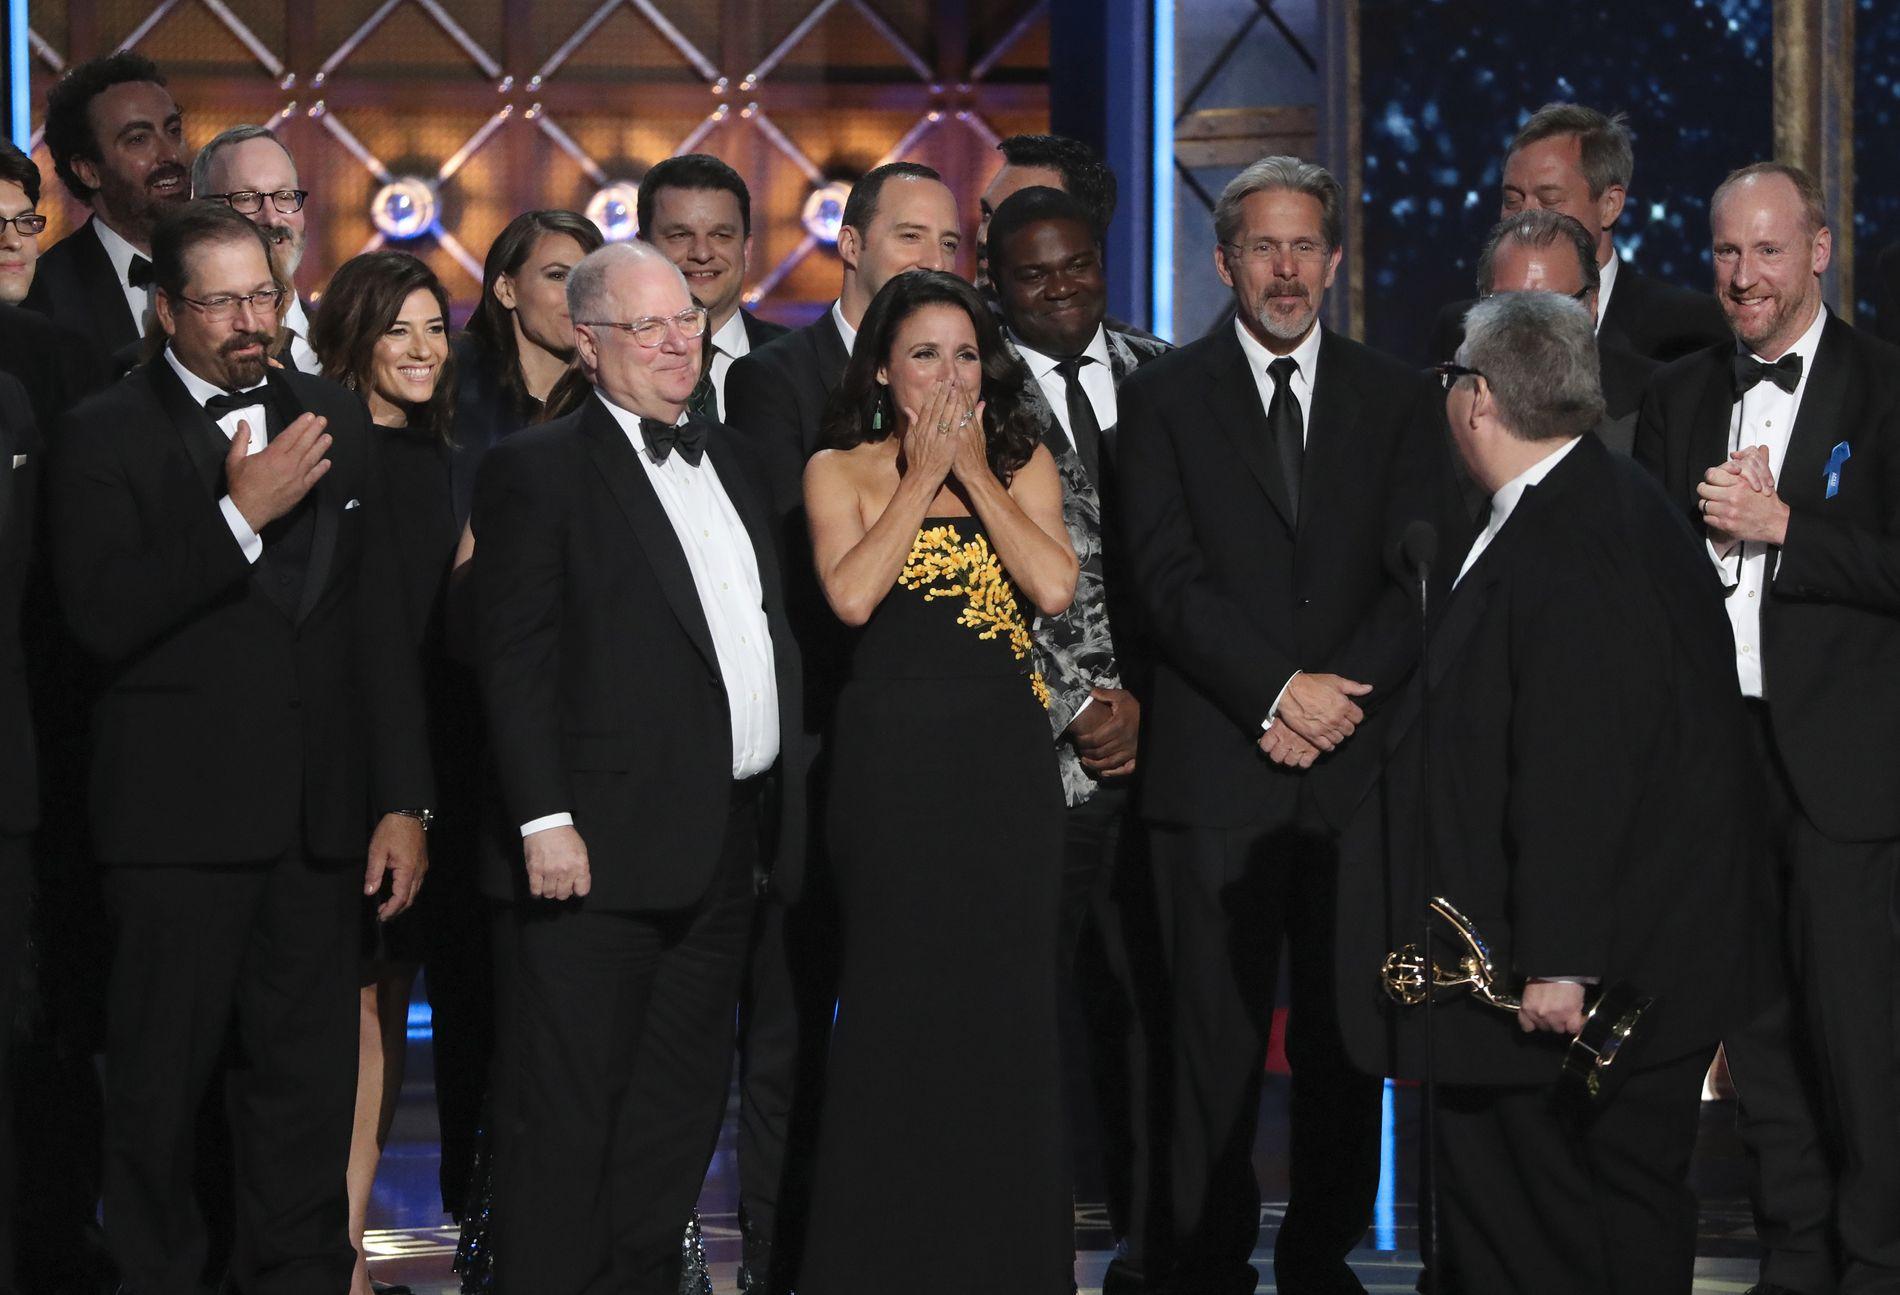 BLE HISTORISK: Julia Louis-Dreyfus tok imot prisen for beste komiserie sammen med resten av «Veep»-gjengen.